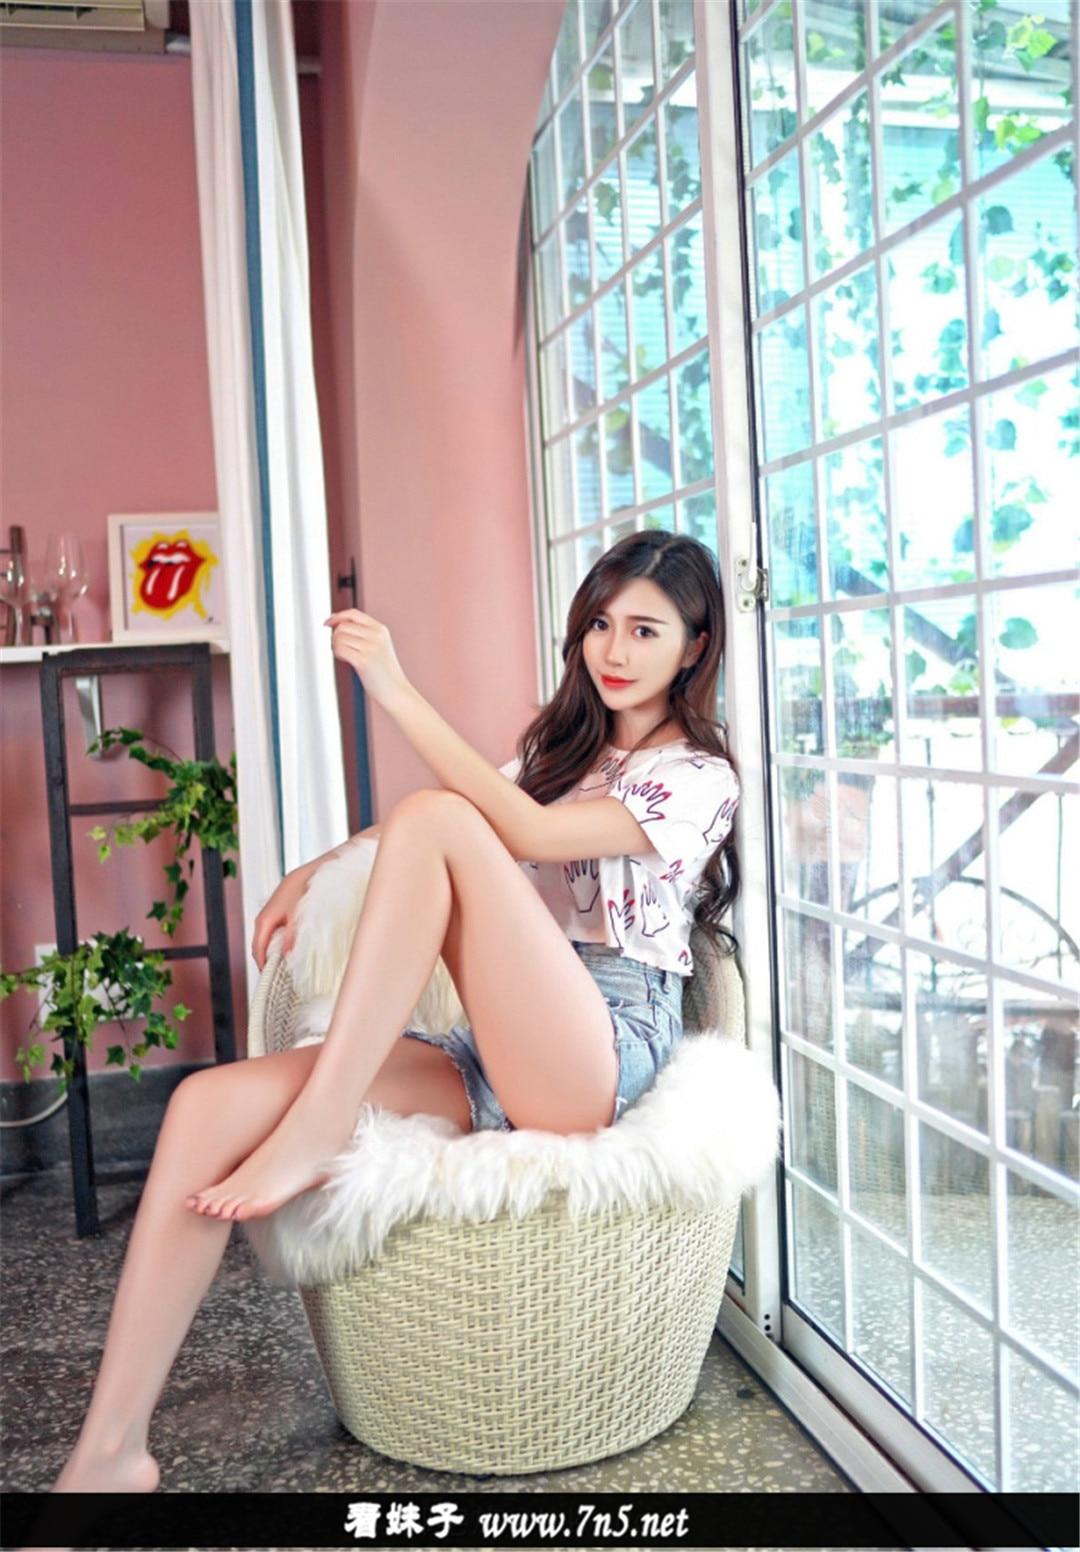 一些精选小姐姐合集,太养眼了![133P/302M] www.coserba.com整理发布